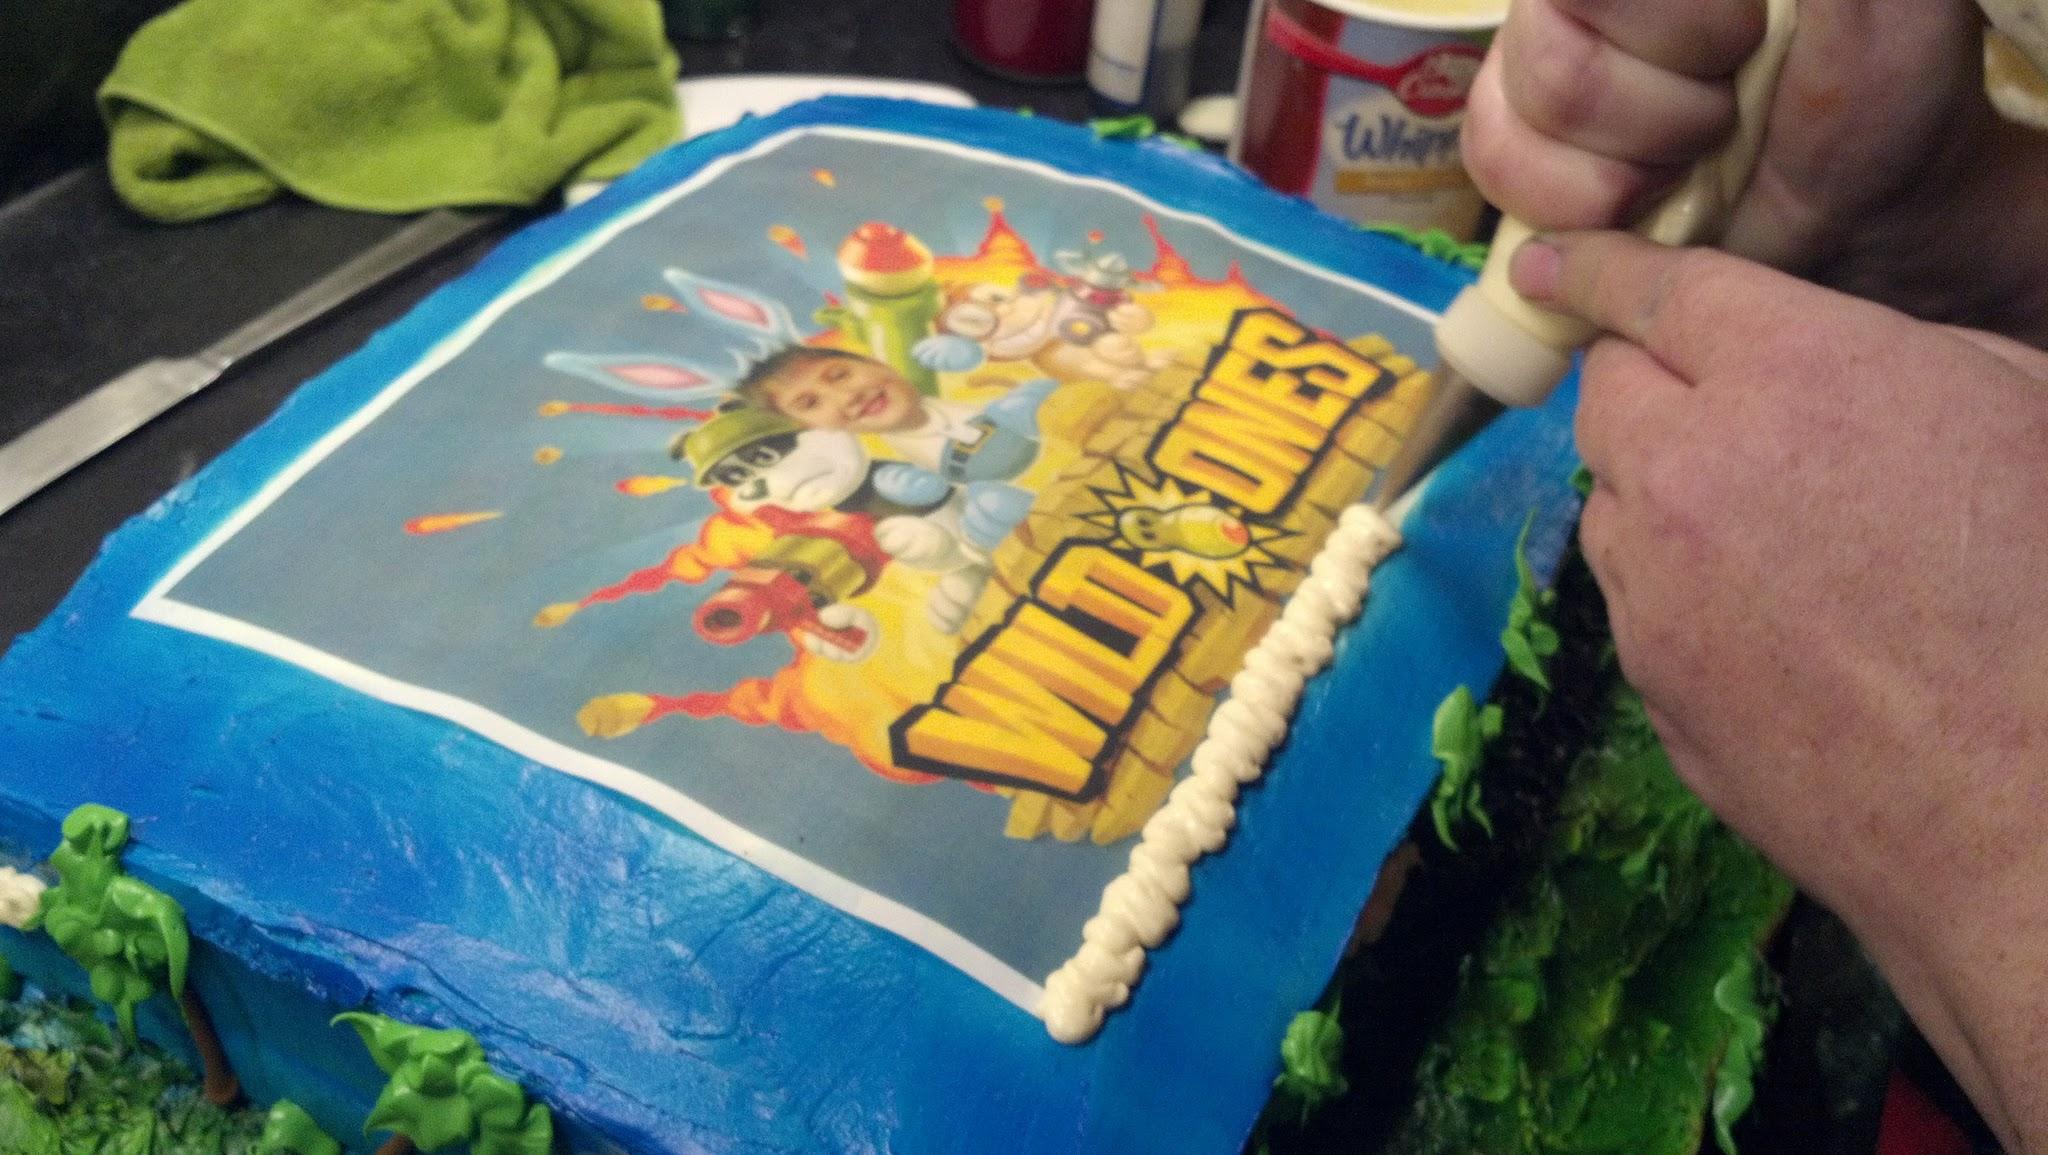 My Nephews Birthday Cake Hidden Cell Phone Scott Cramer wrote this